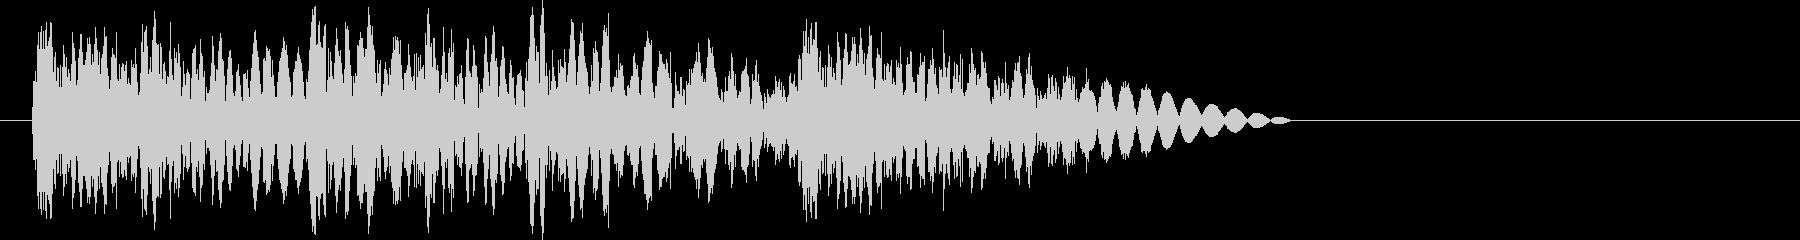 ビシバシビシバシッ(高速攻撃・打撃)の未再生の波形